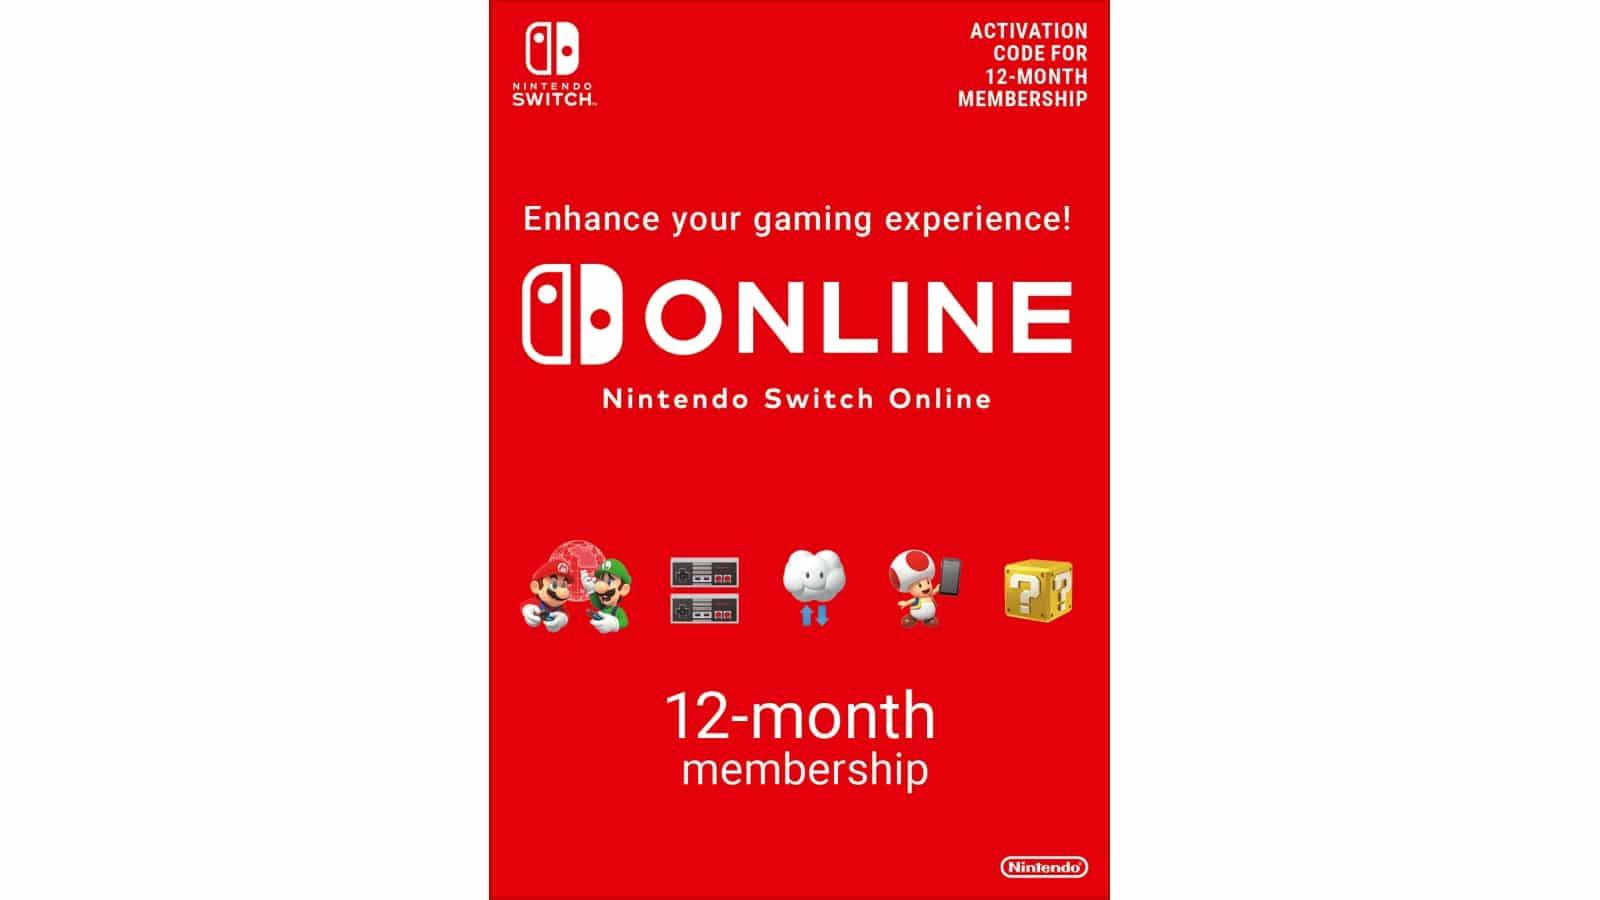 נינטנדו סוויץ' אונליין - Nintendo Switch Online - מנוי 365 יום